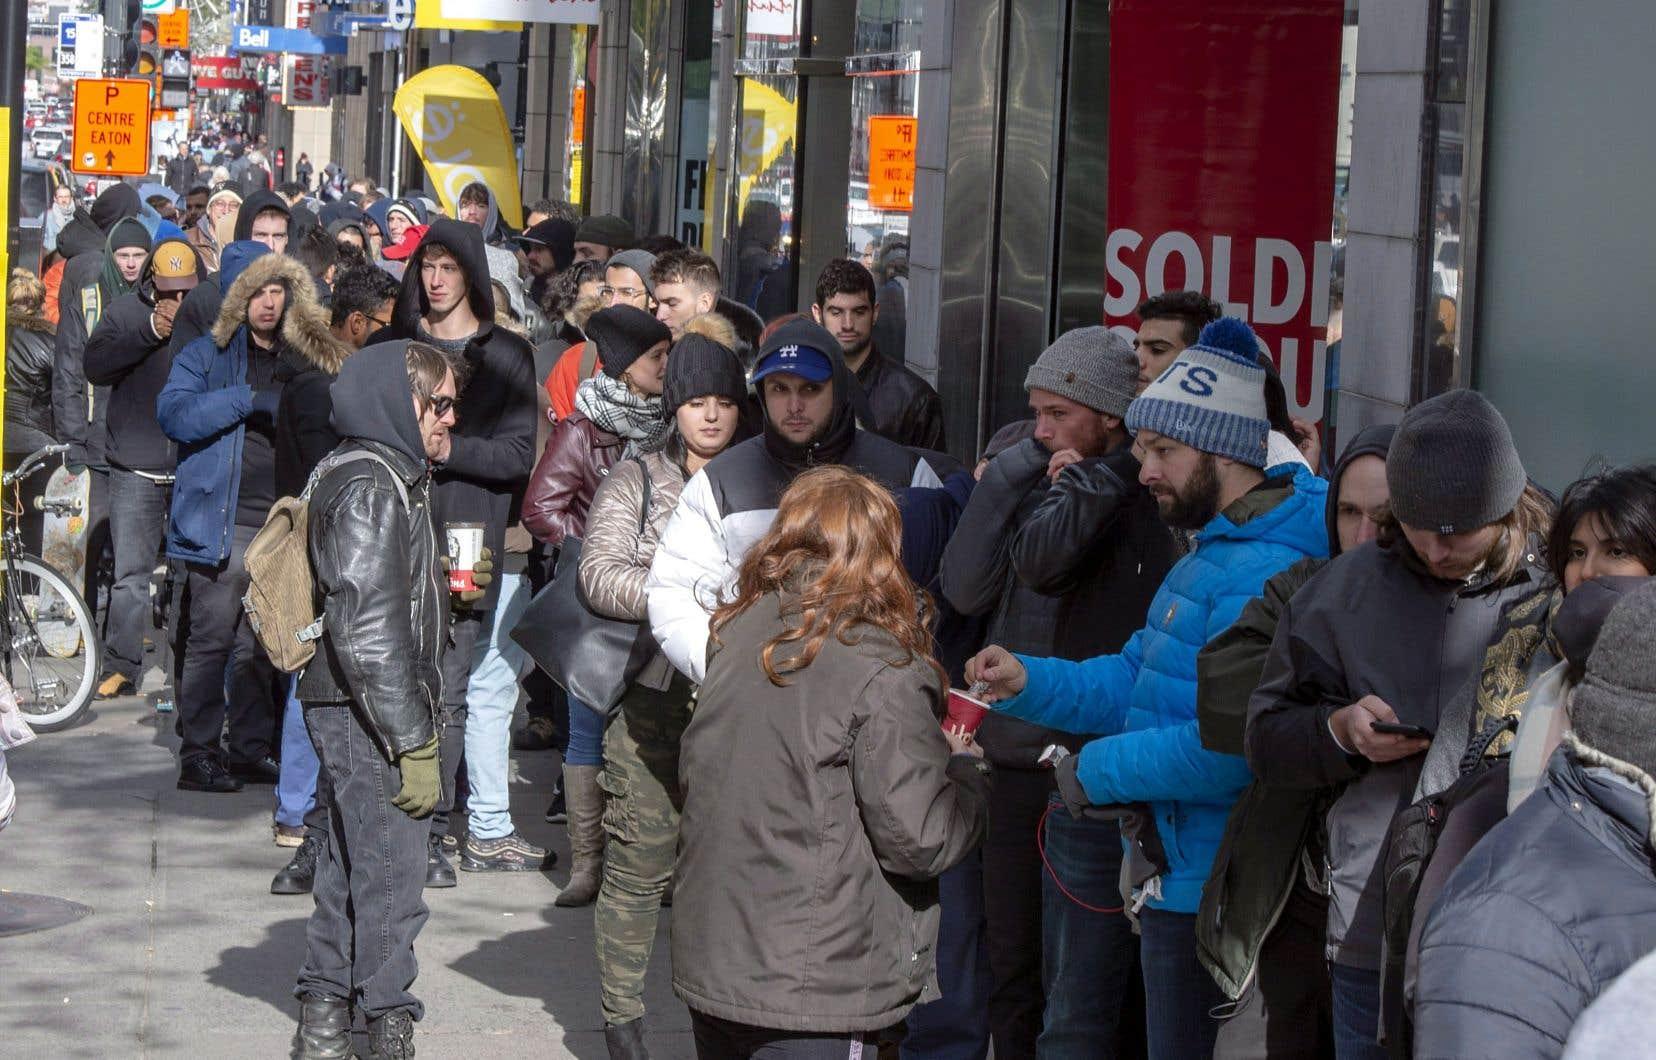 Les files d'attente se sont à nouveau formées devant les boutiques de la SQDC.